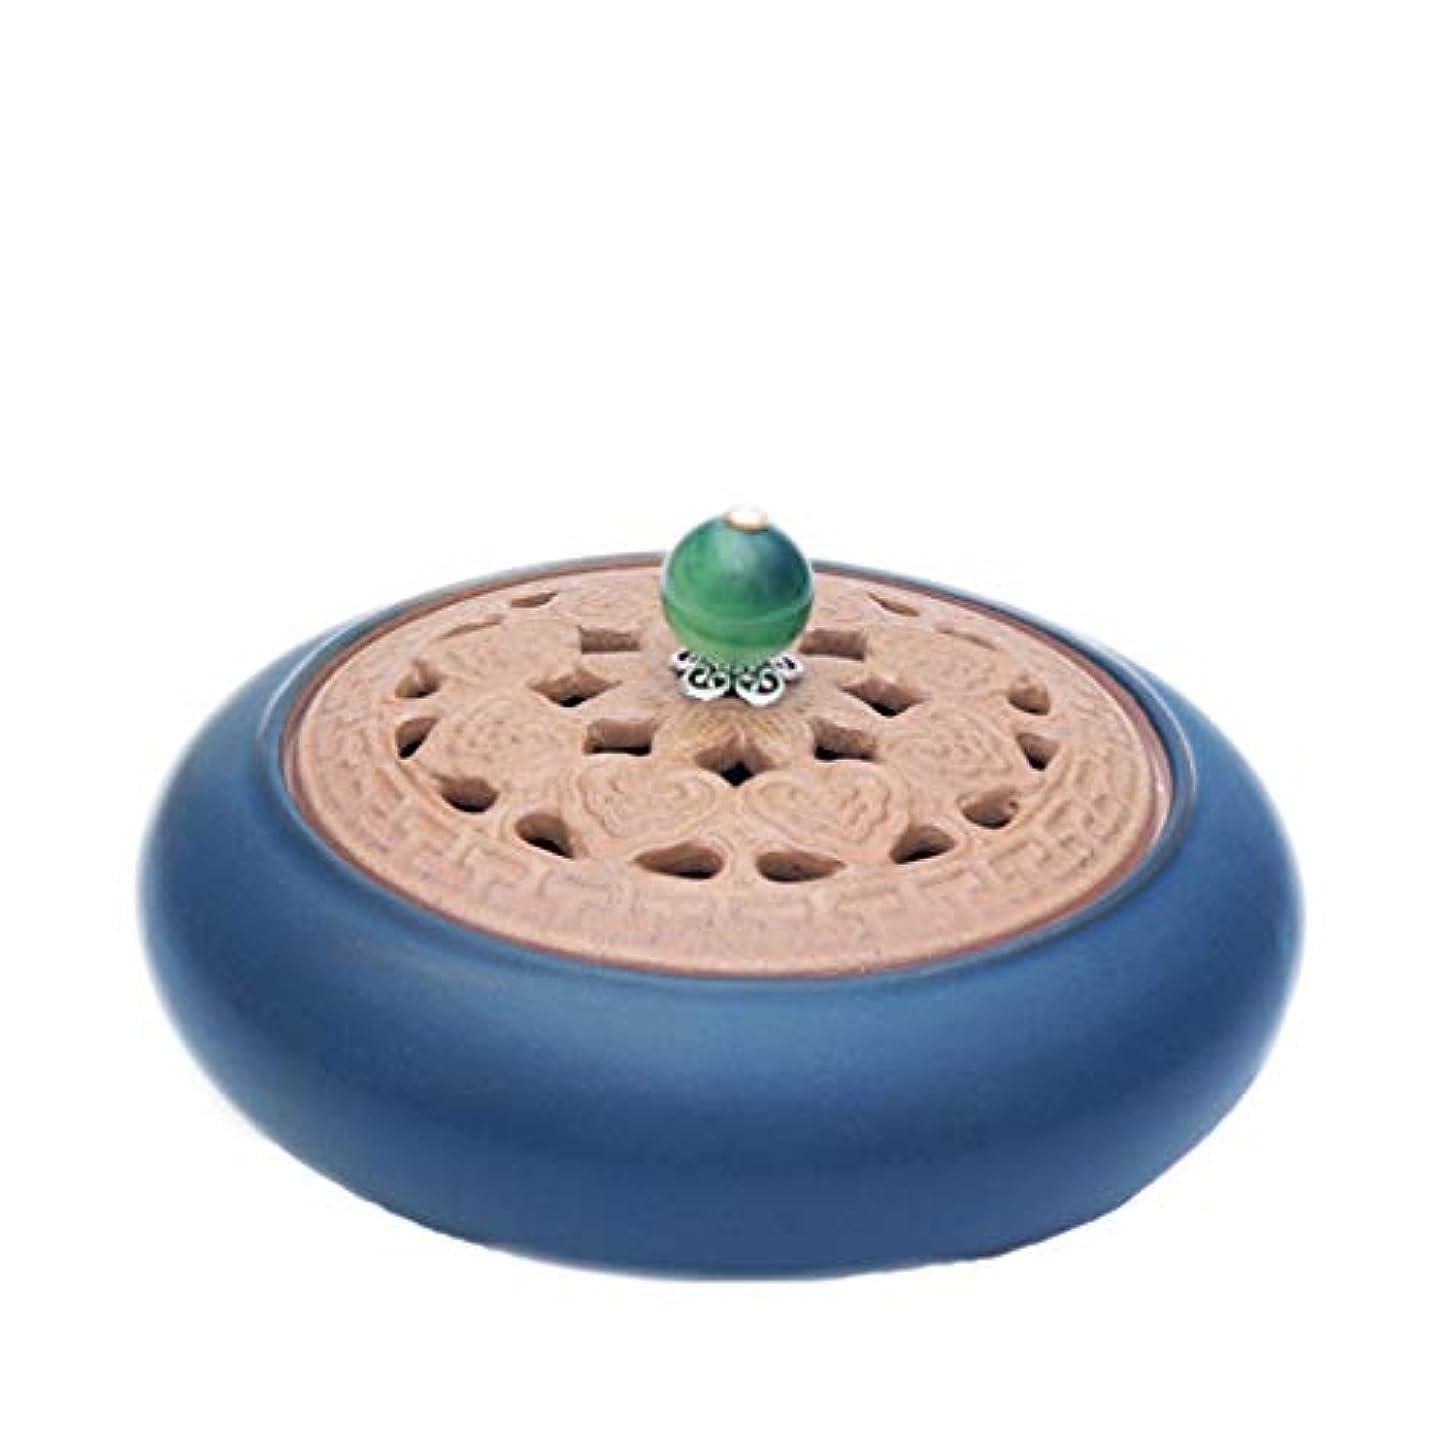 些細教室例示するホームアロマバーナー アンティークセラミック小さな香バーナーホームインドアガーウッドハース香純粋な銅白檀炉アロマテラピー炉 アロマバーナー (Color : Green)